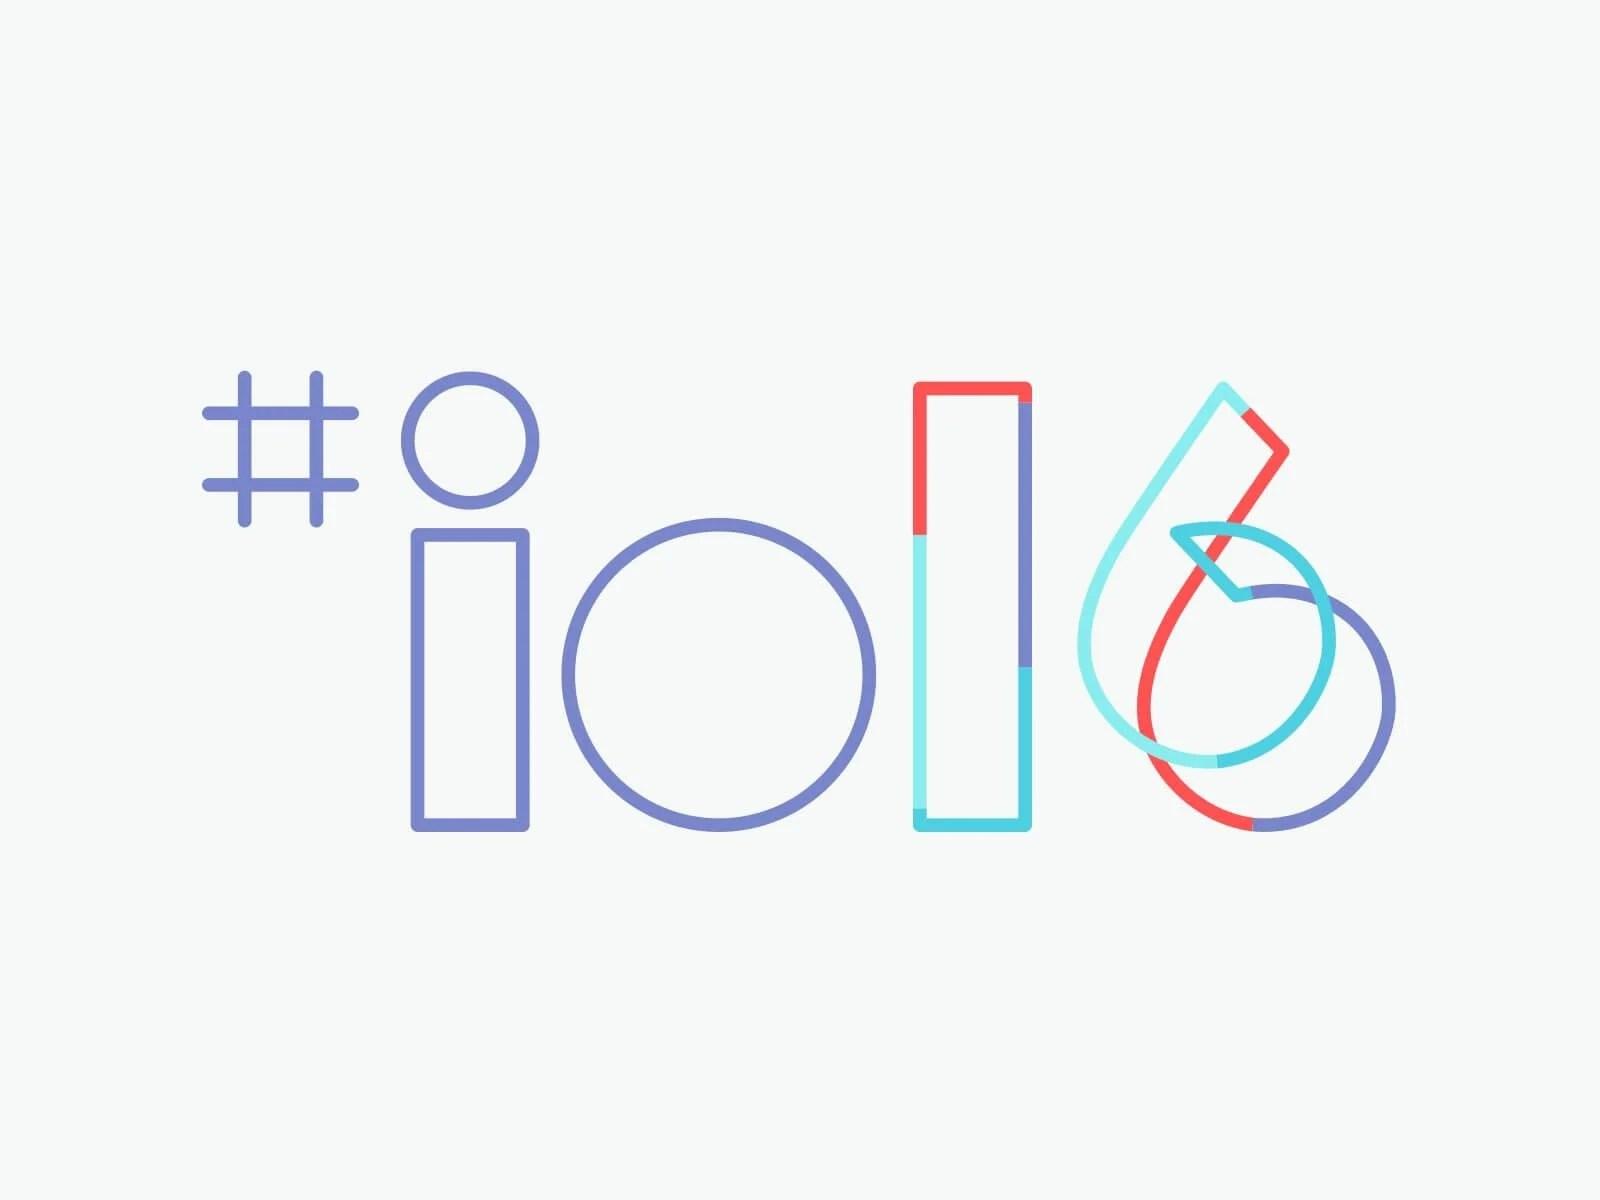 io16 social - Google I/O 2016: O que podemos esperar do evento